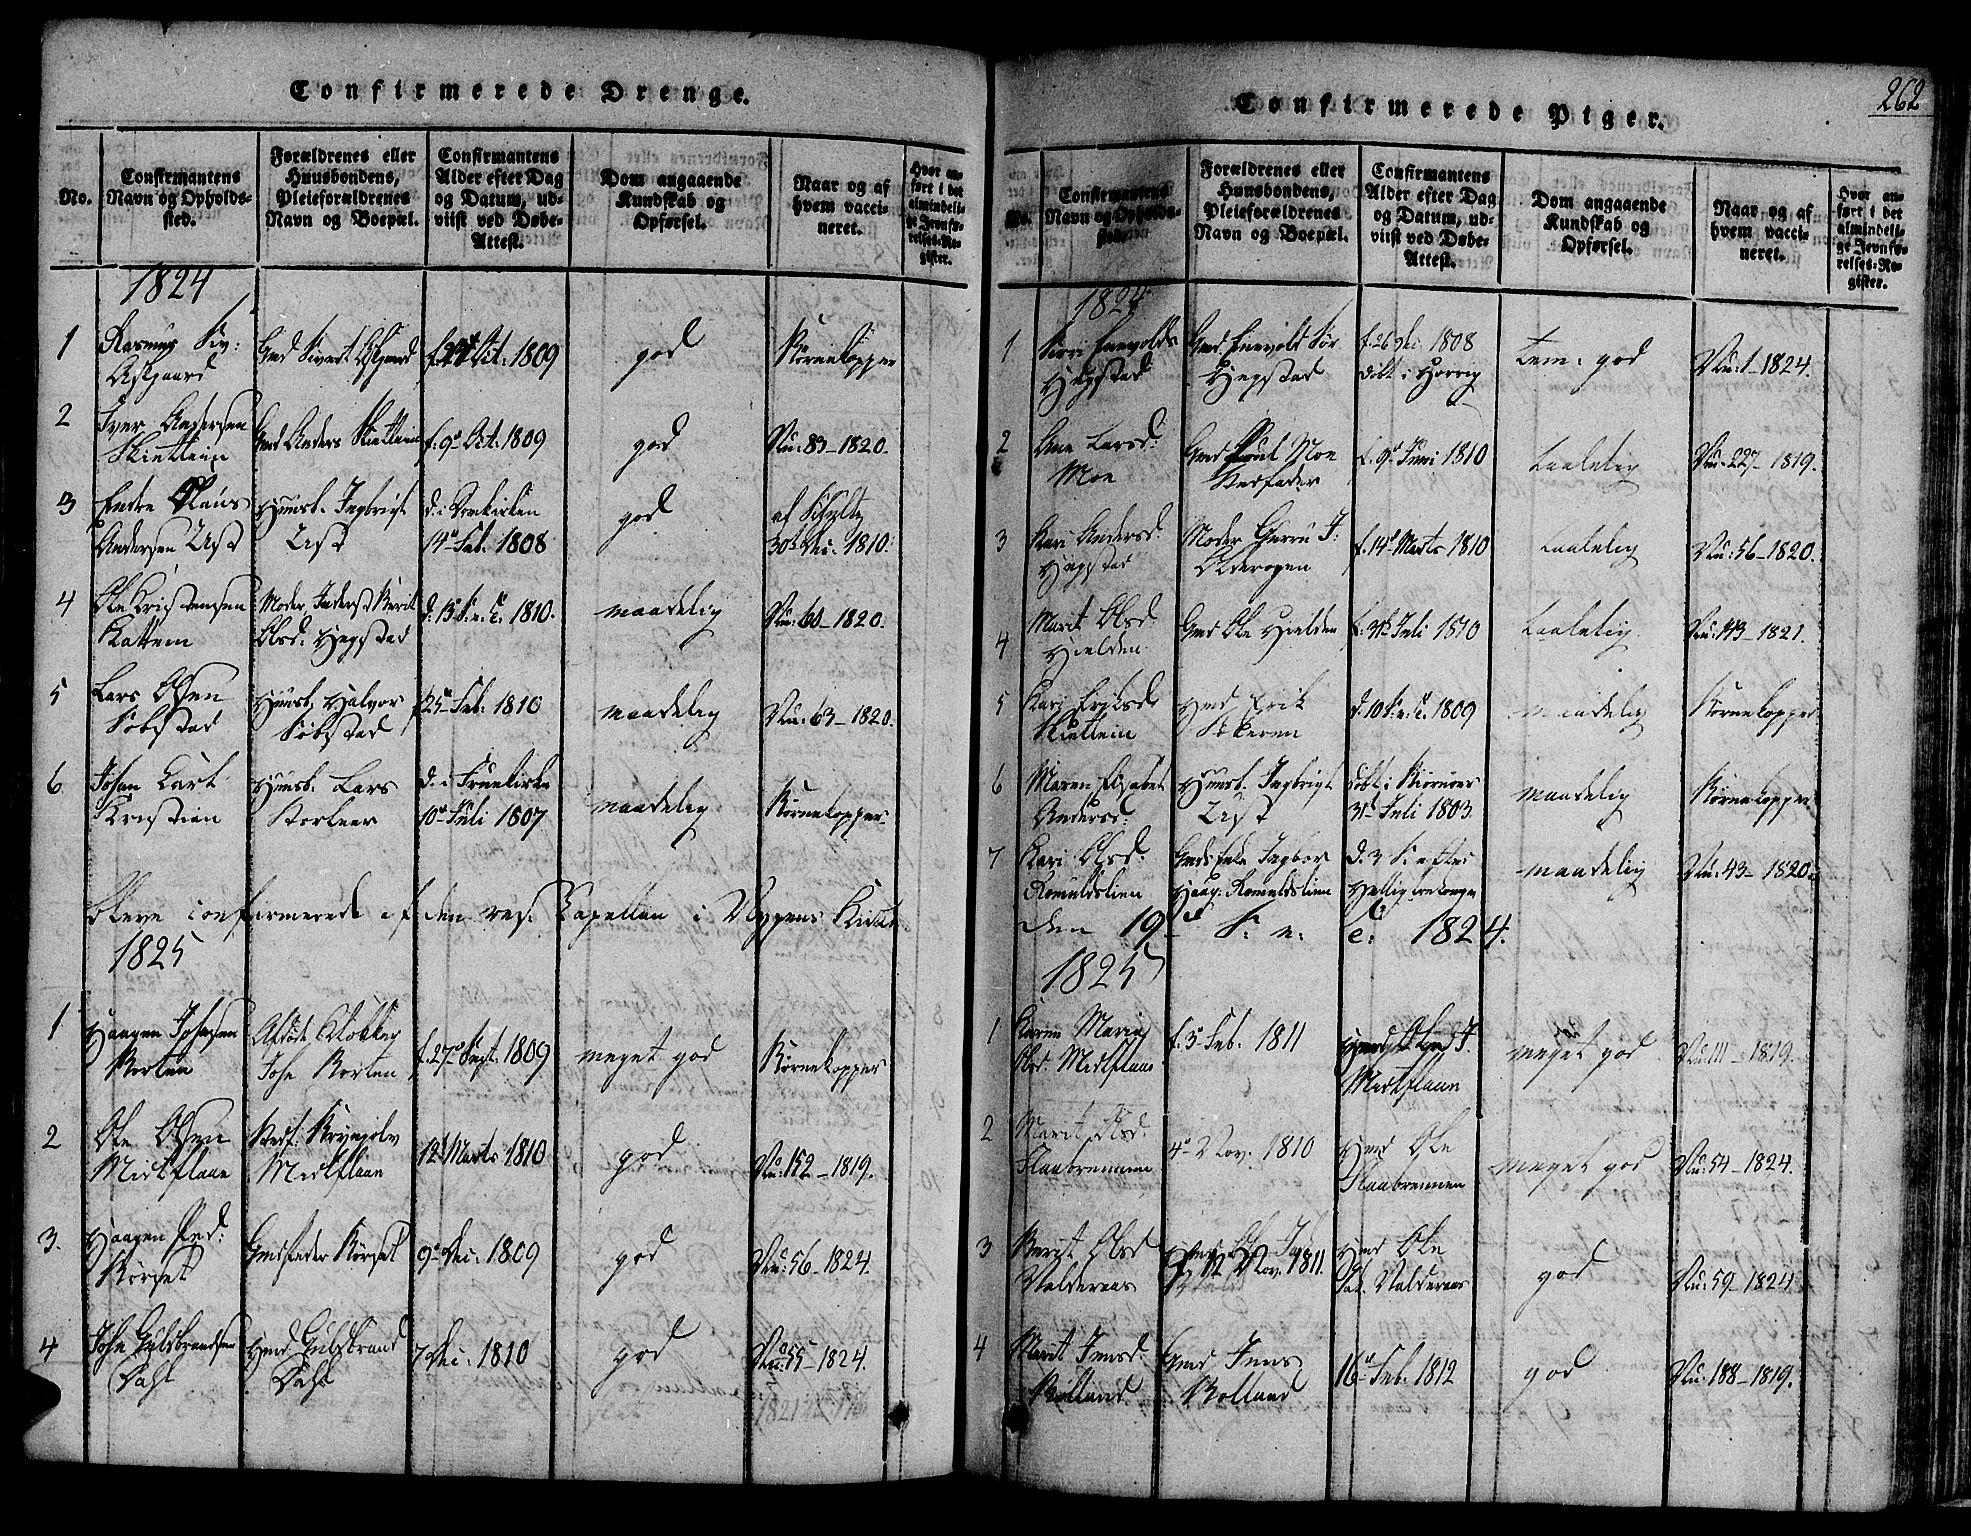 SAT, Ministerialprotokoller, klokkerbøker og fødselsregistre - Sør-Trøndelag, 691/L1067: Ministerialbok nr. 691A03 /3, 1816-1826, s. 262